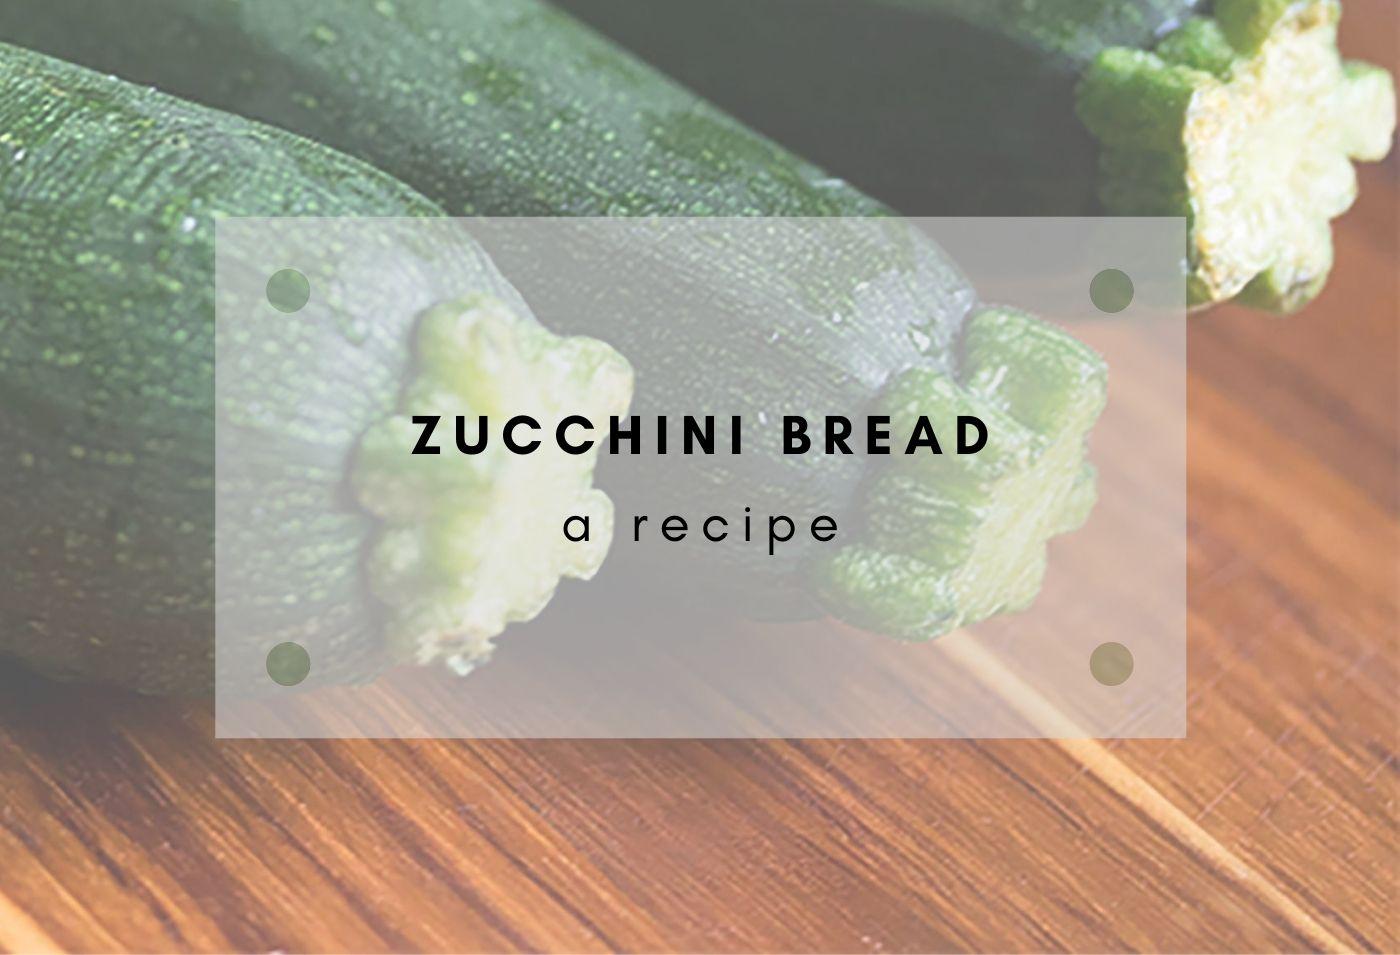 zucchini bread, intuitive eating, zucchini recipe